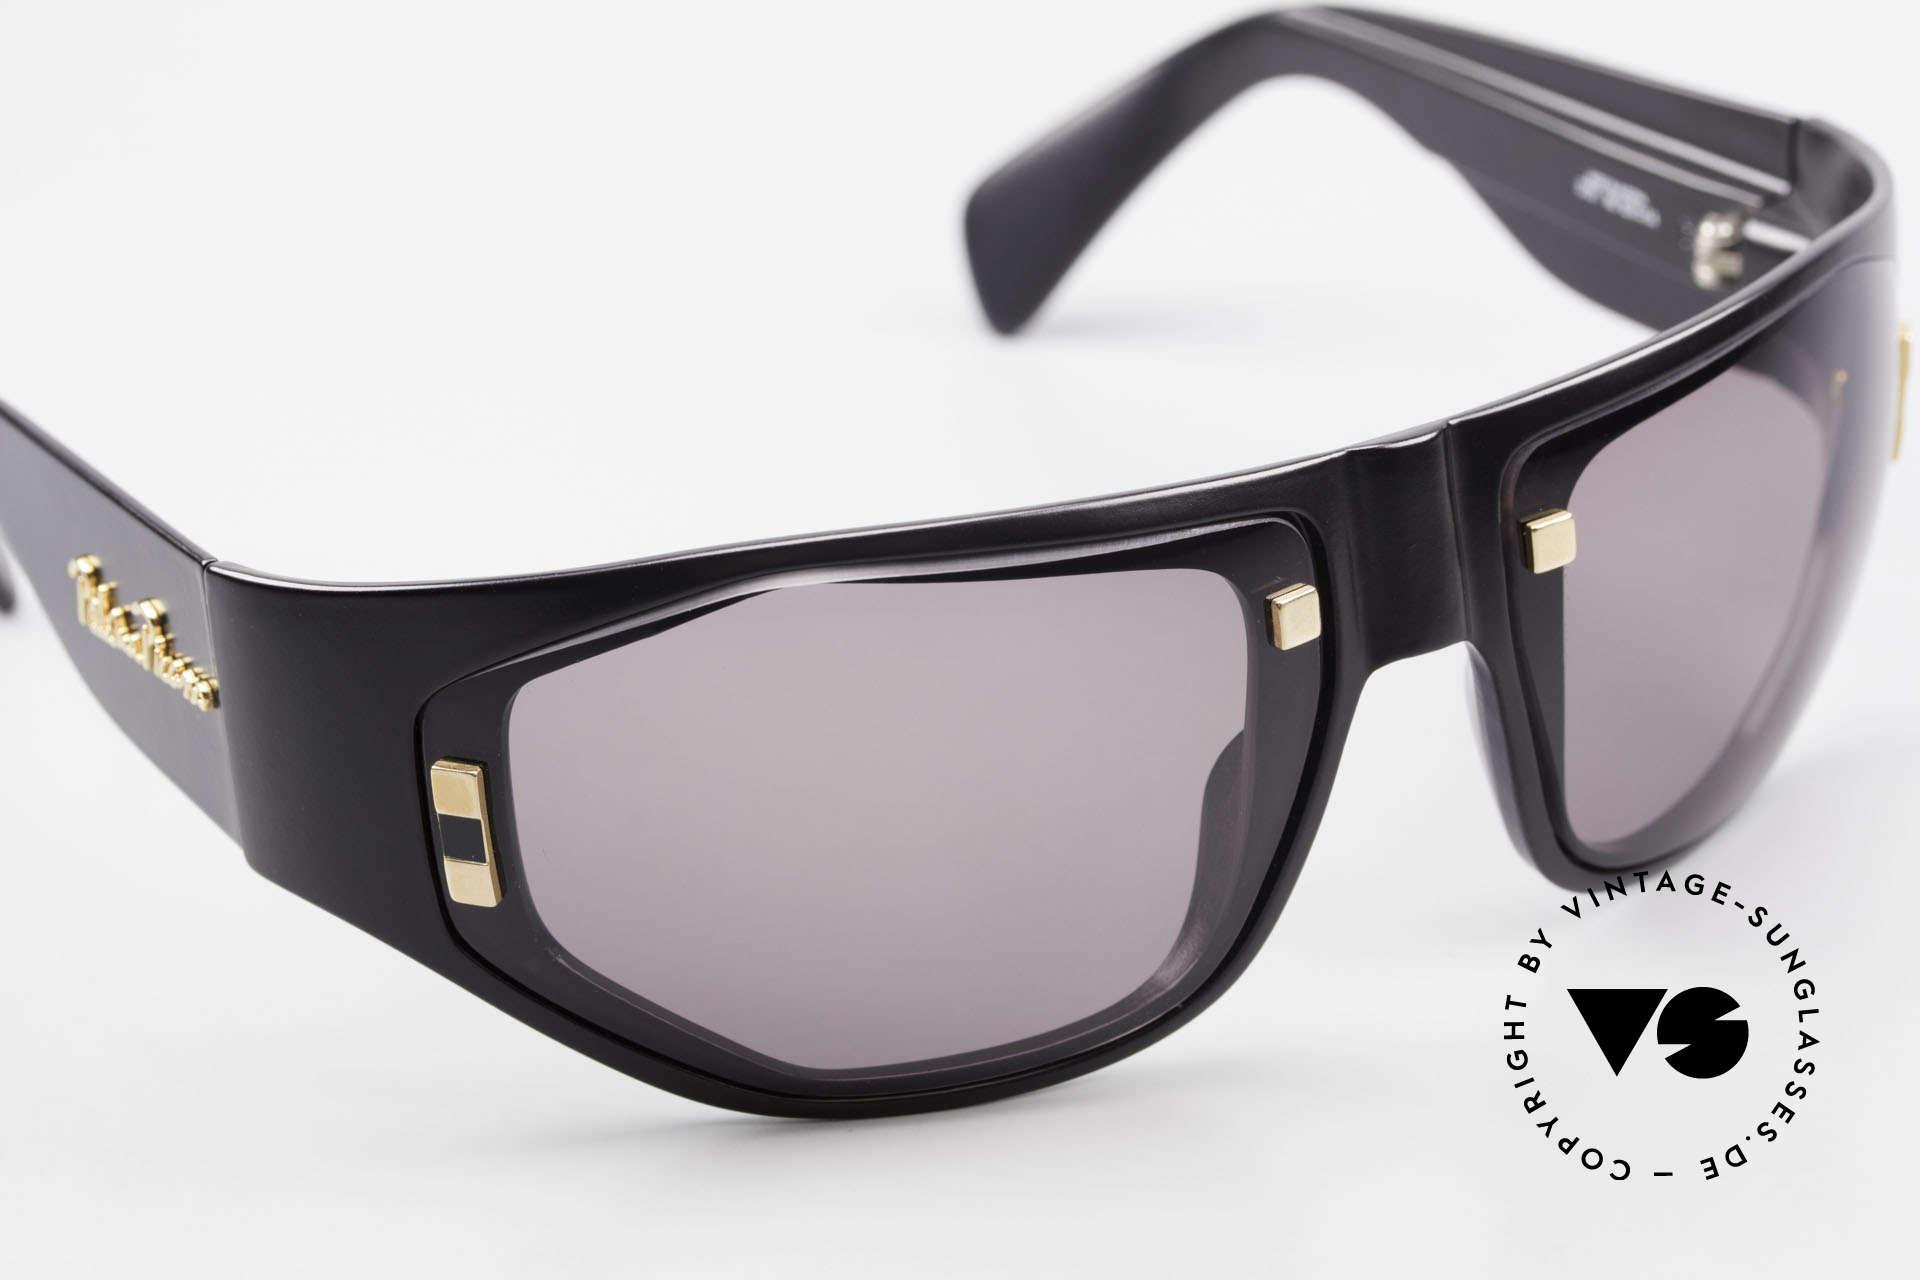 Paloma Picasso 3701 90er Damen Wrap Sonnenbrille, Wrap Around Design: Rahmen umhüllt das Gesicht, Passend für Damen